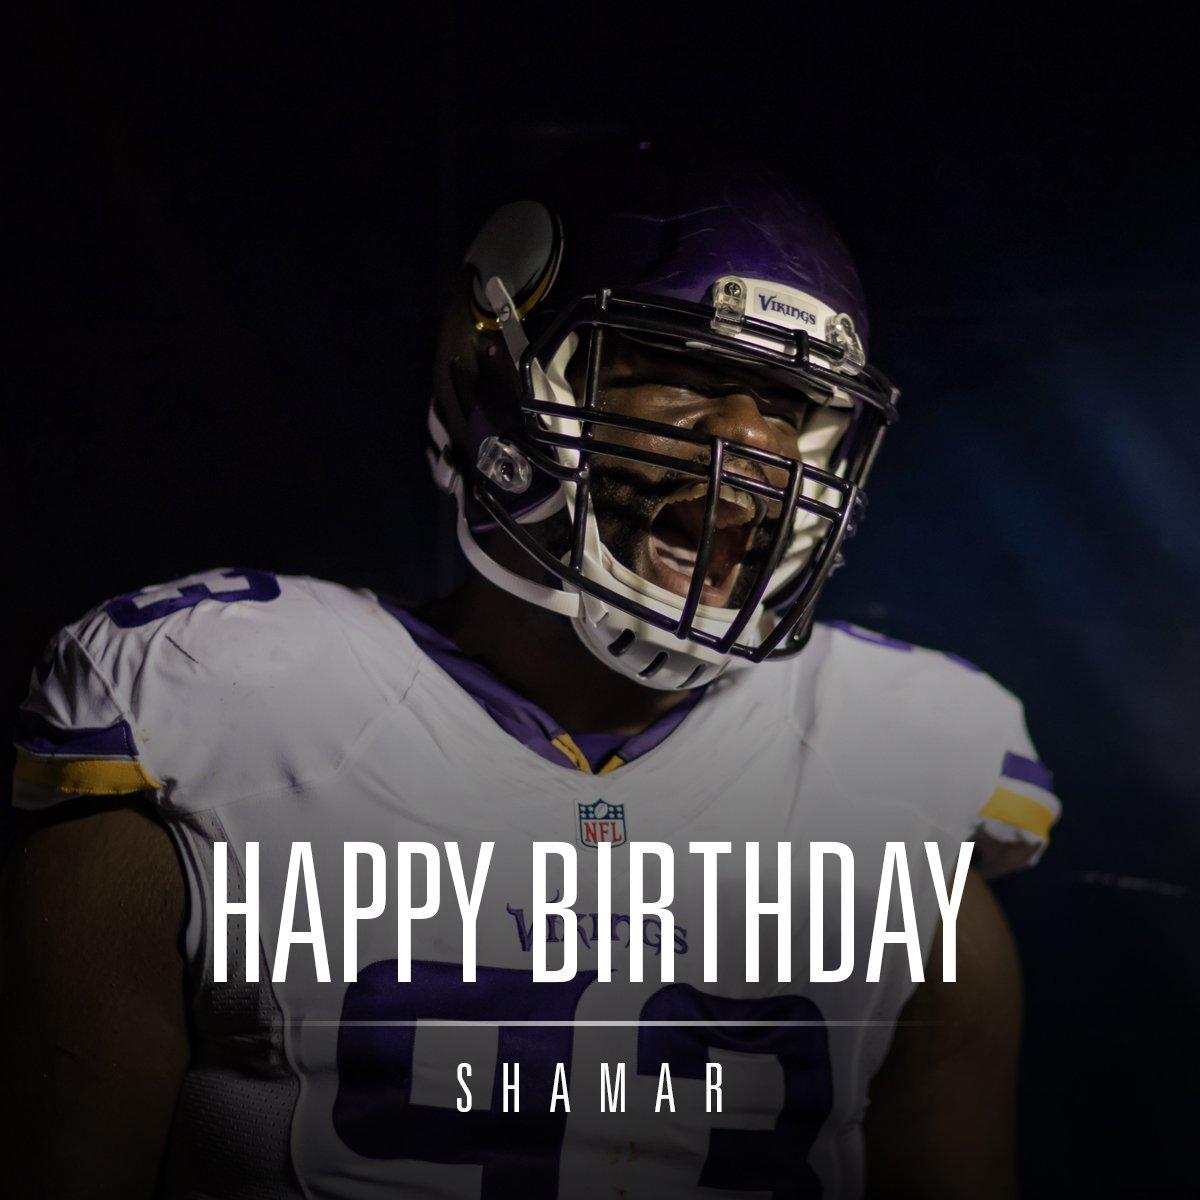 Happy birthday, Shamar! https://t.co/lfgBCP2BpO